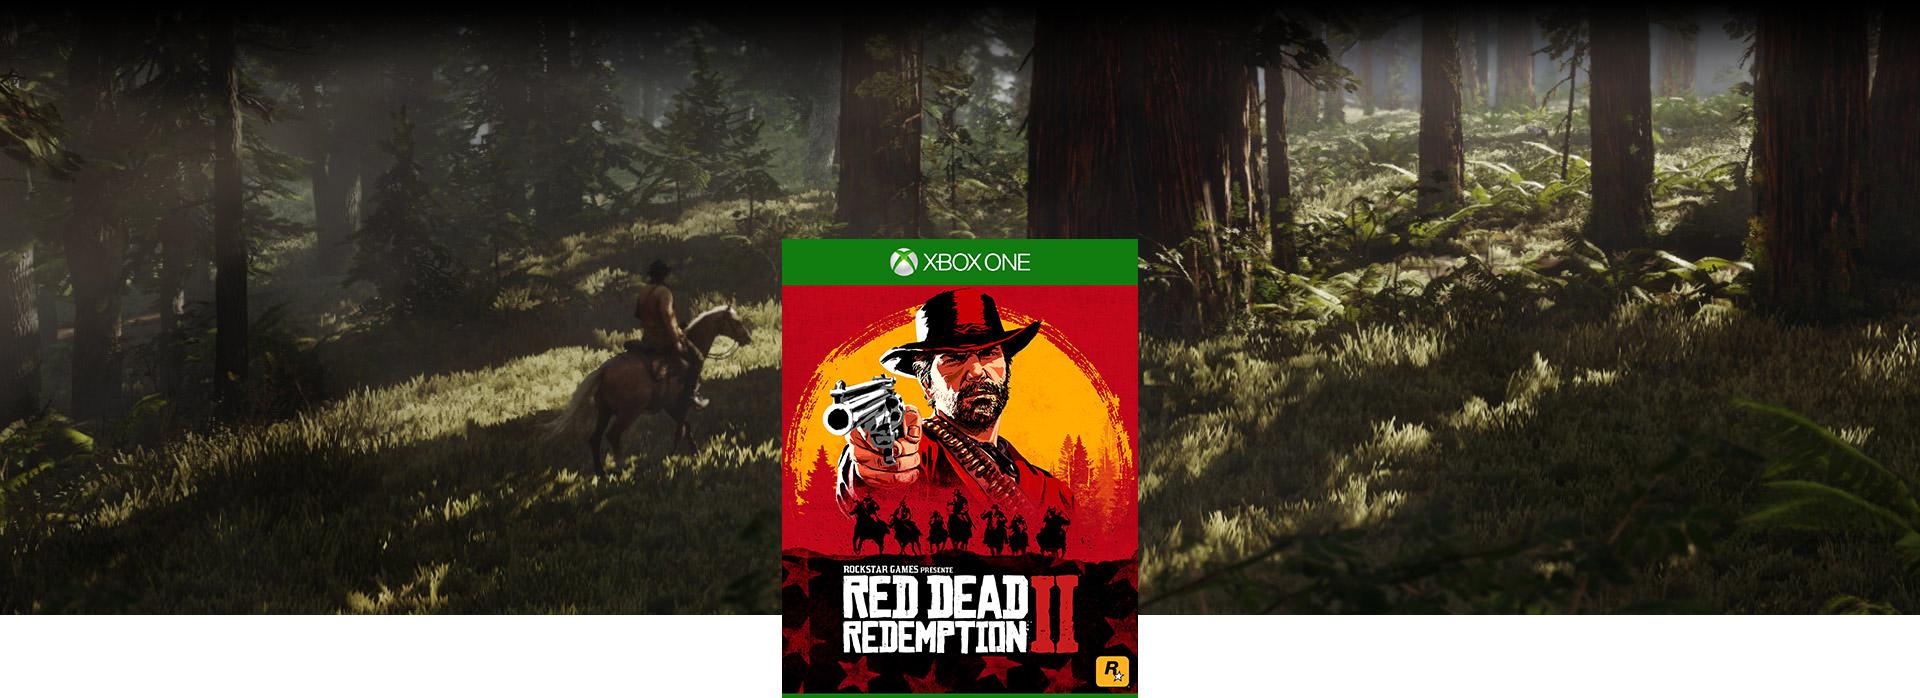 Image de la boîte de Red Dead Redemption2 avec un personnage à cheval dans les bois en arrière-plan